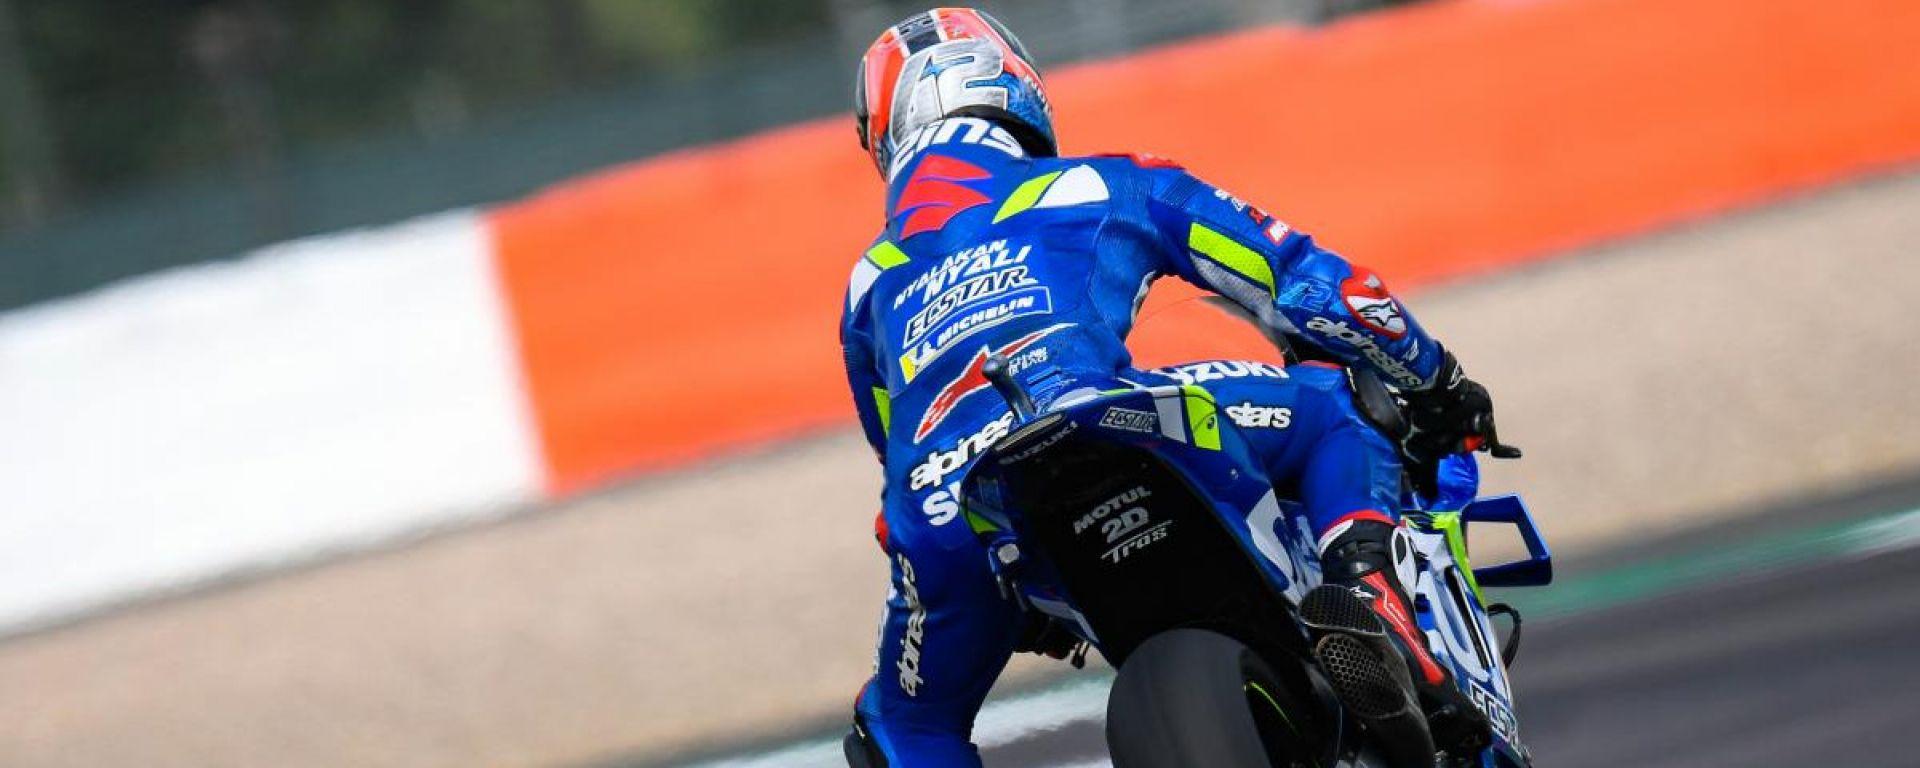 MotoGP Silverstone, vince Rins su Marquez. 4° Rossi